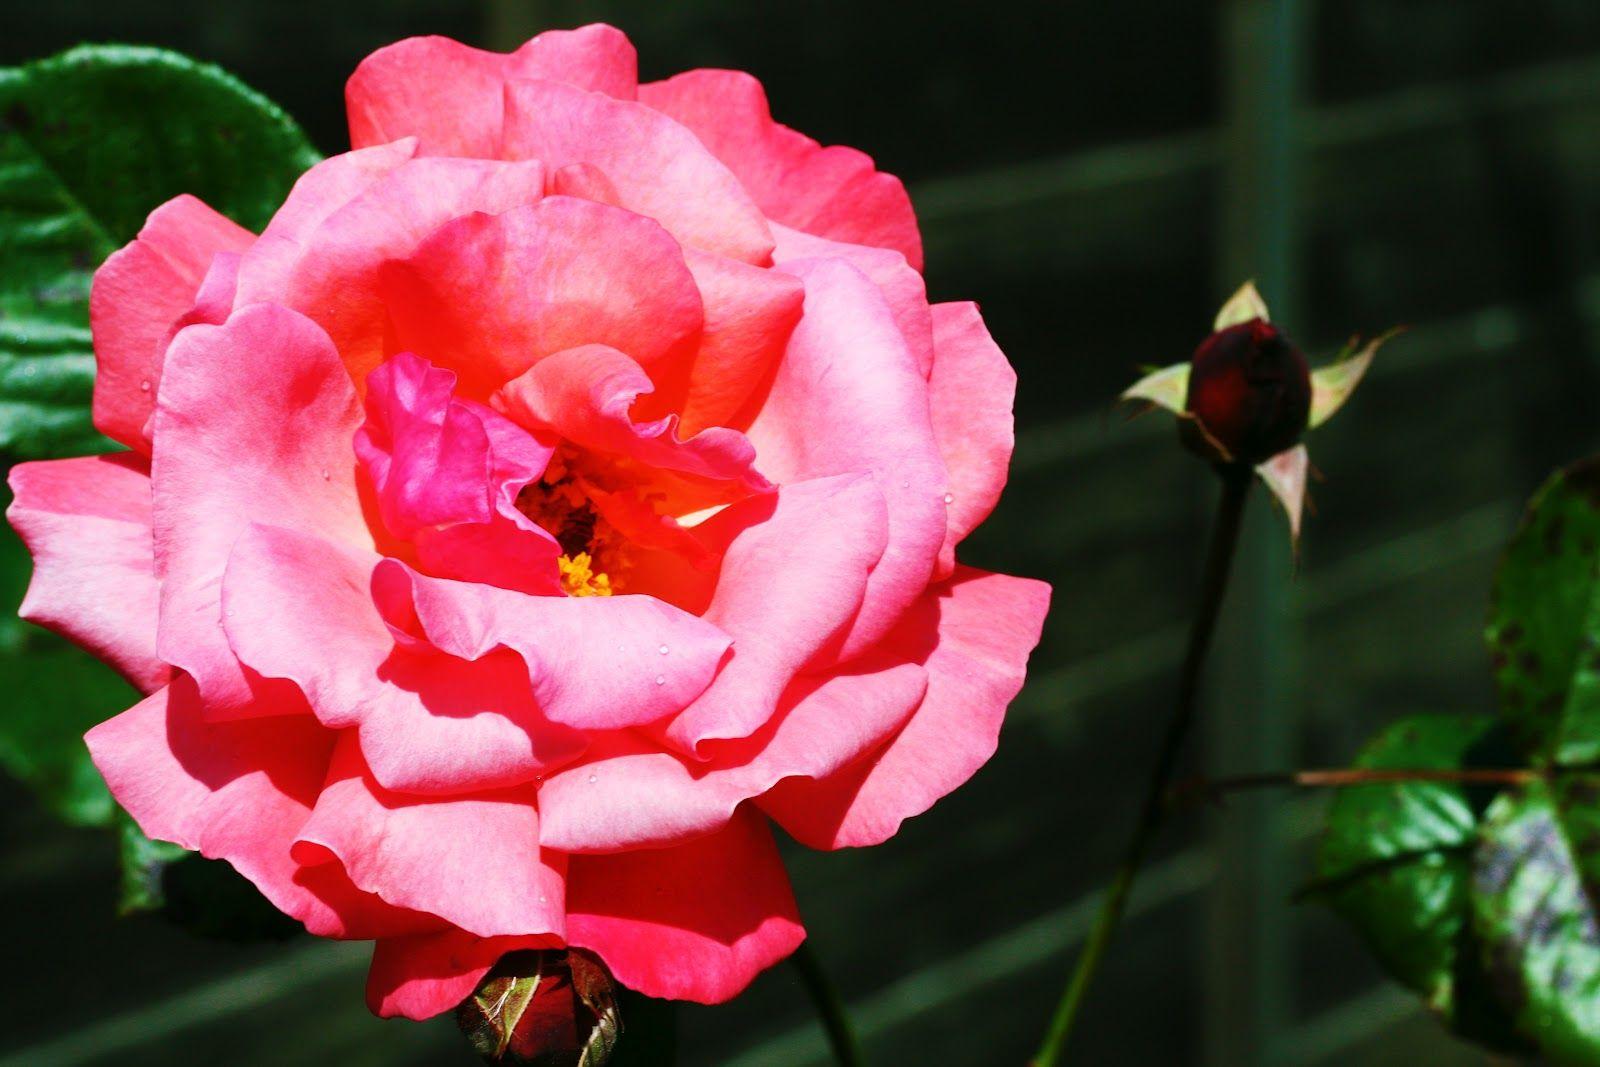 rosa rosa tan maravillosa (8)